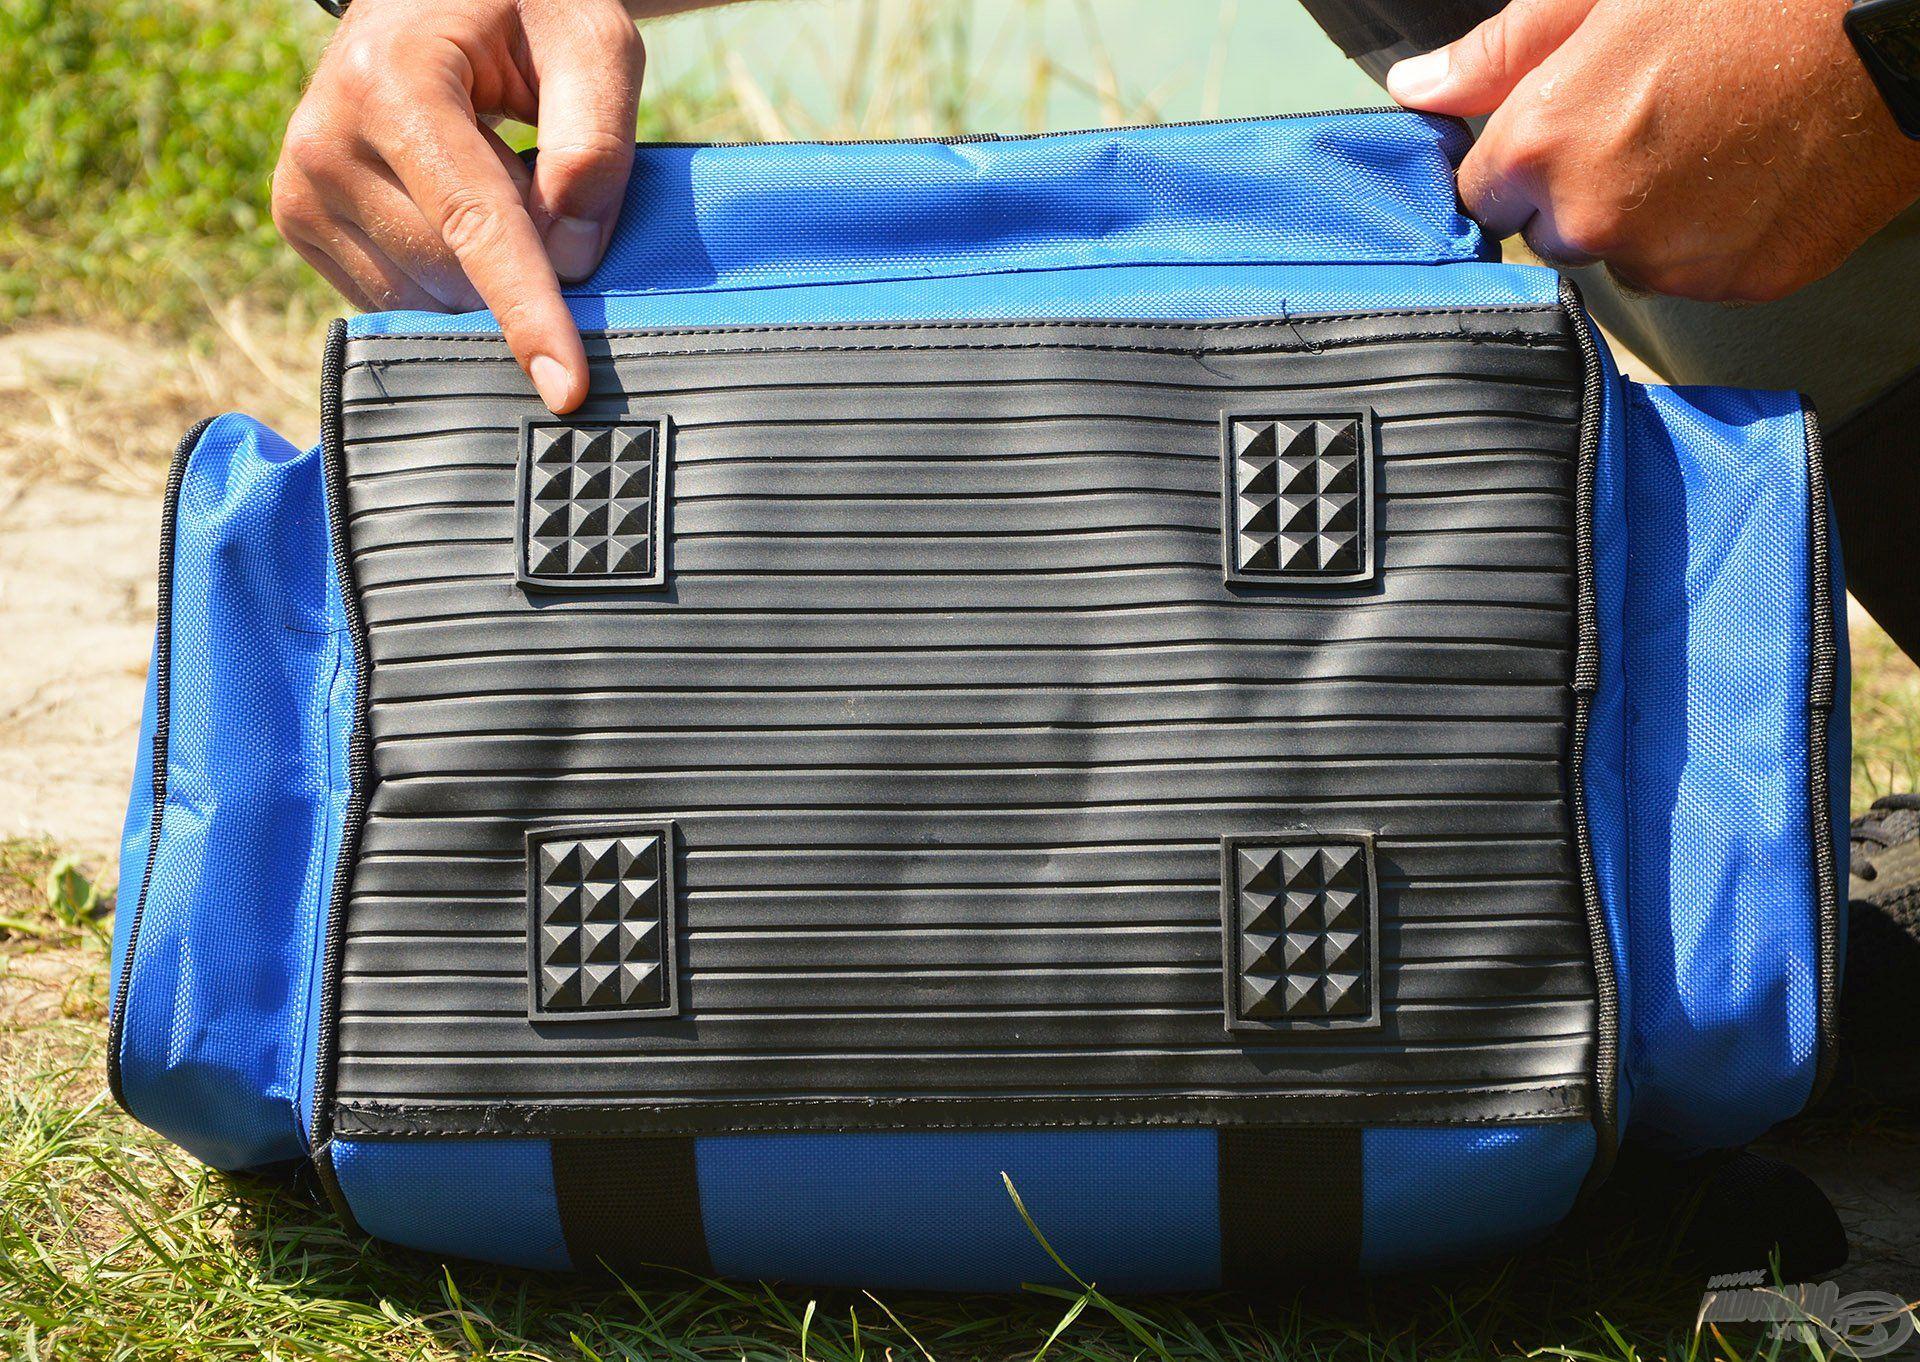 E táskának is vízhatlan borítást kapott az alja, valamint 4 db csúszásgátló egység is került rá